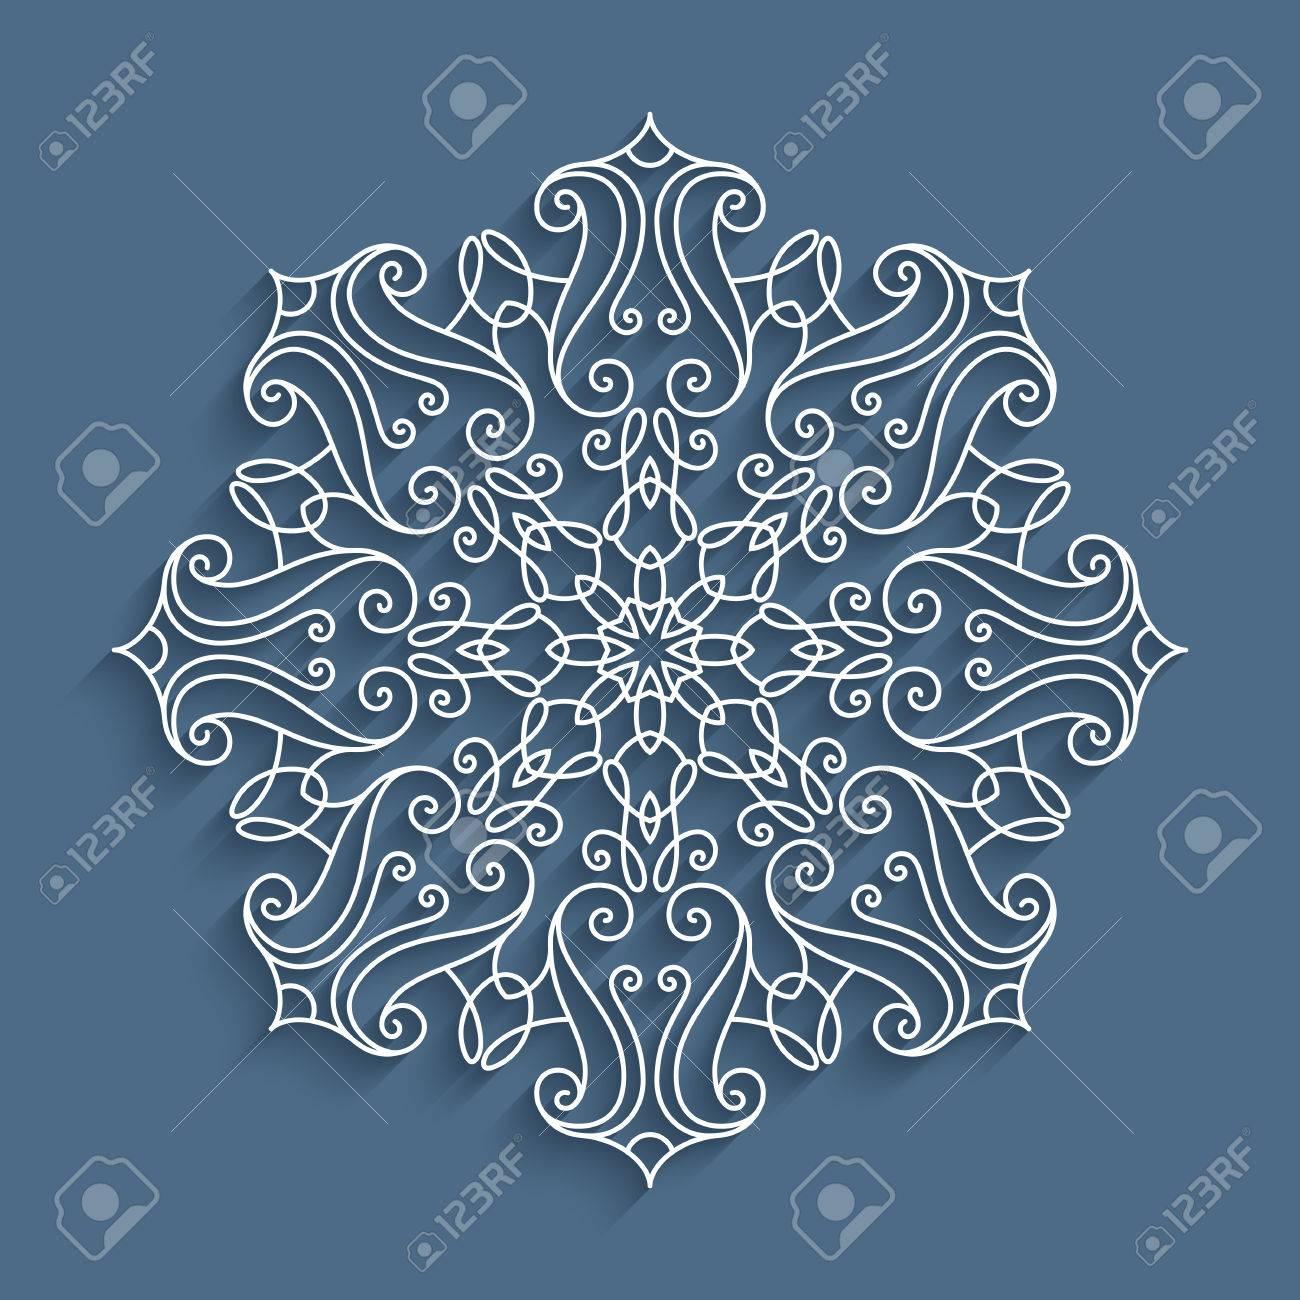 Papel De Encaje Doily, Copos De Nieve De Recorte Decorativo, Mandala ...